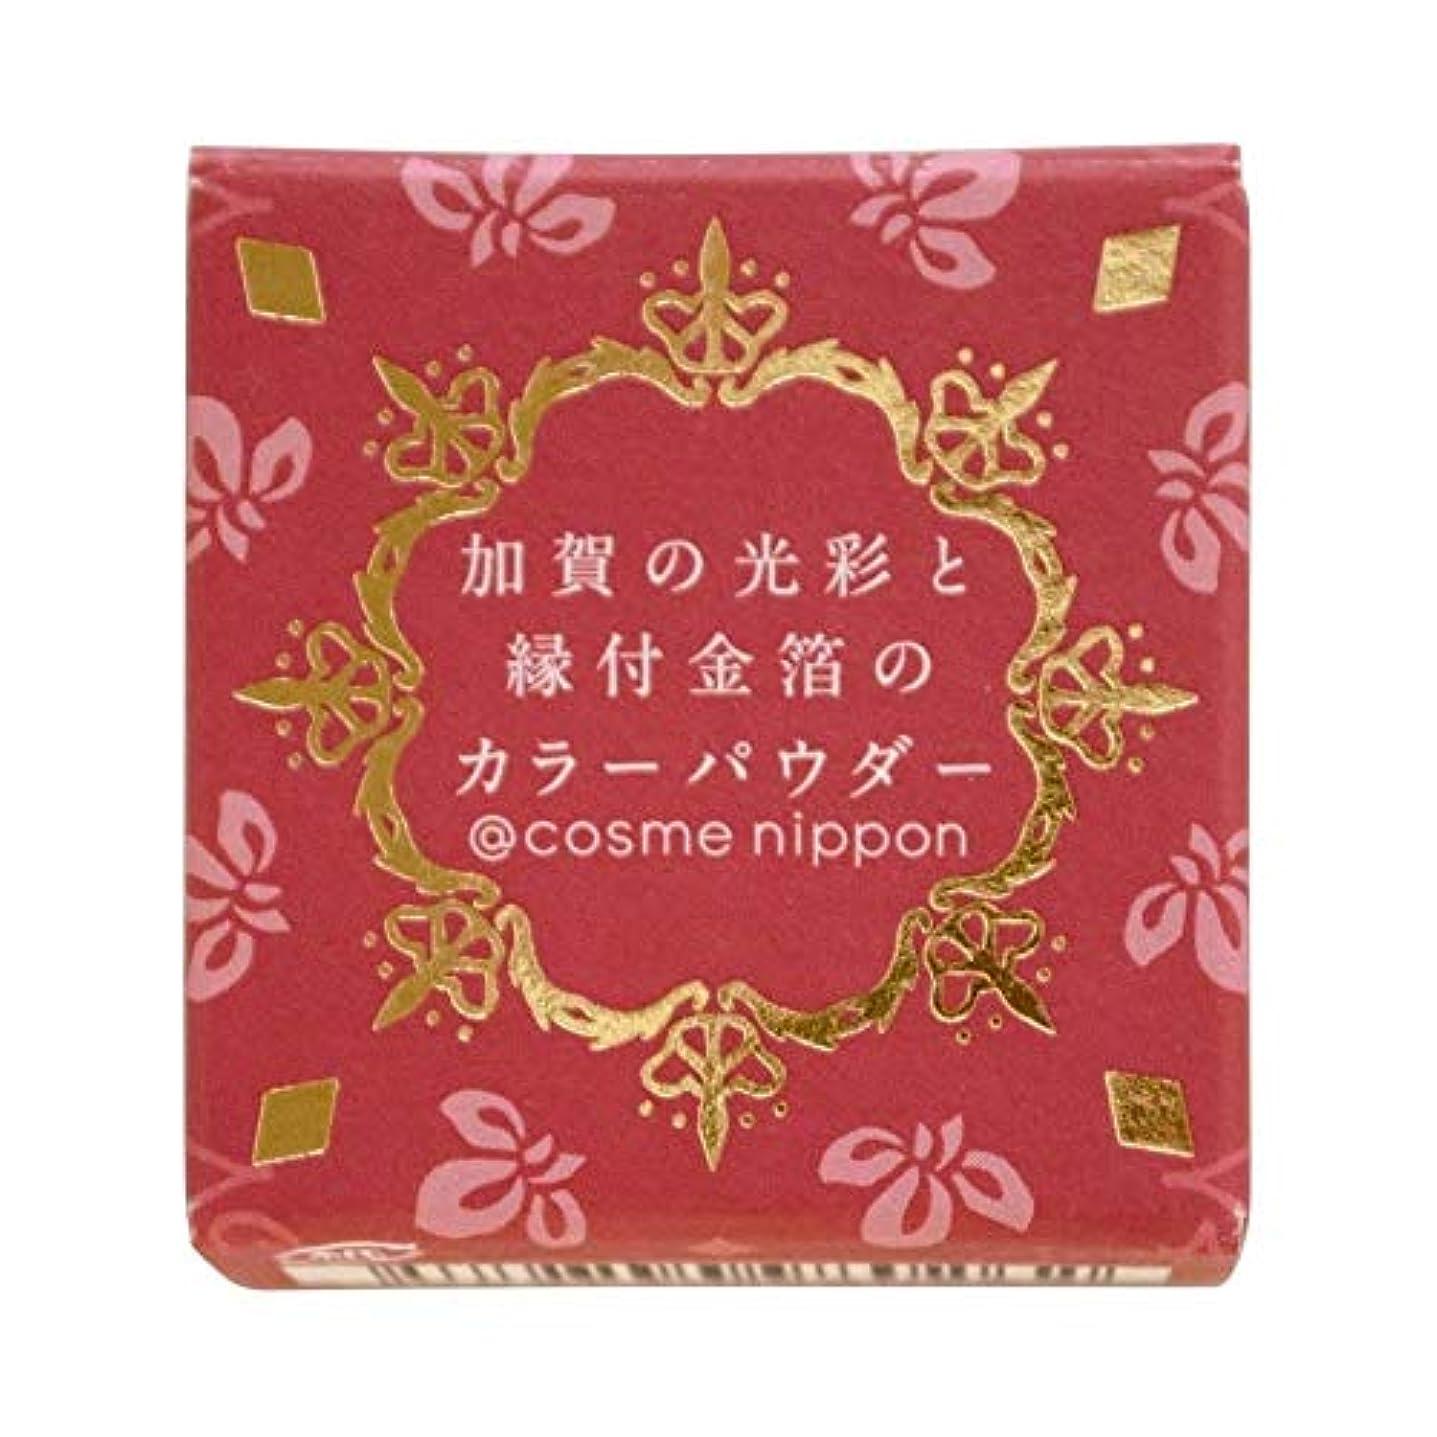 正しく性別決定的友禅工芸 すずらん加賀の光彩と縁付け金箔のカラーパウダー02臙脂えんじ